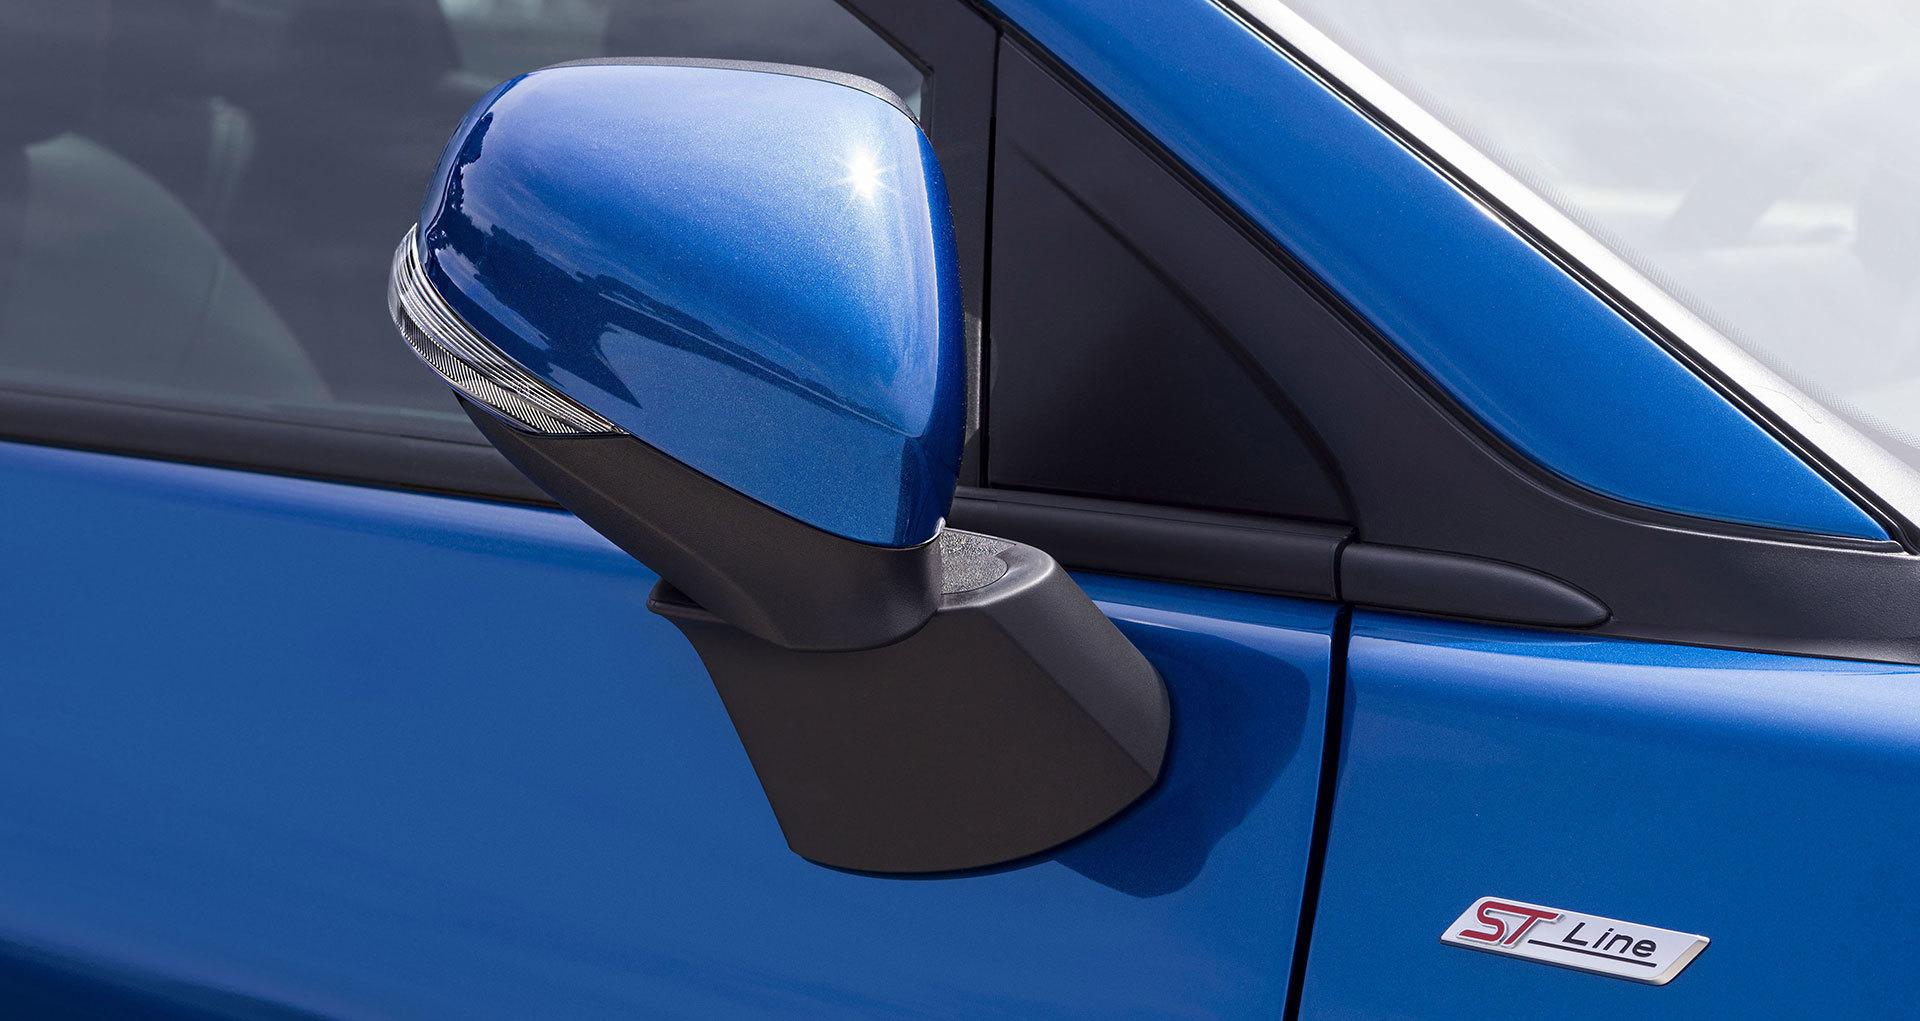 Ford Puma 2019 Detalles Exterior Azul 02